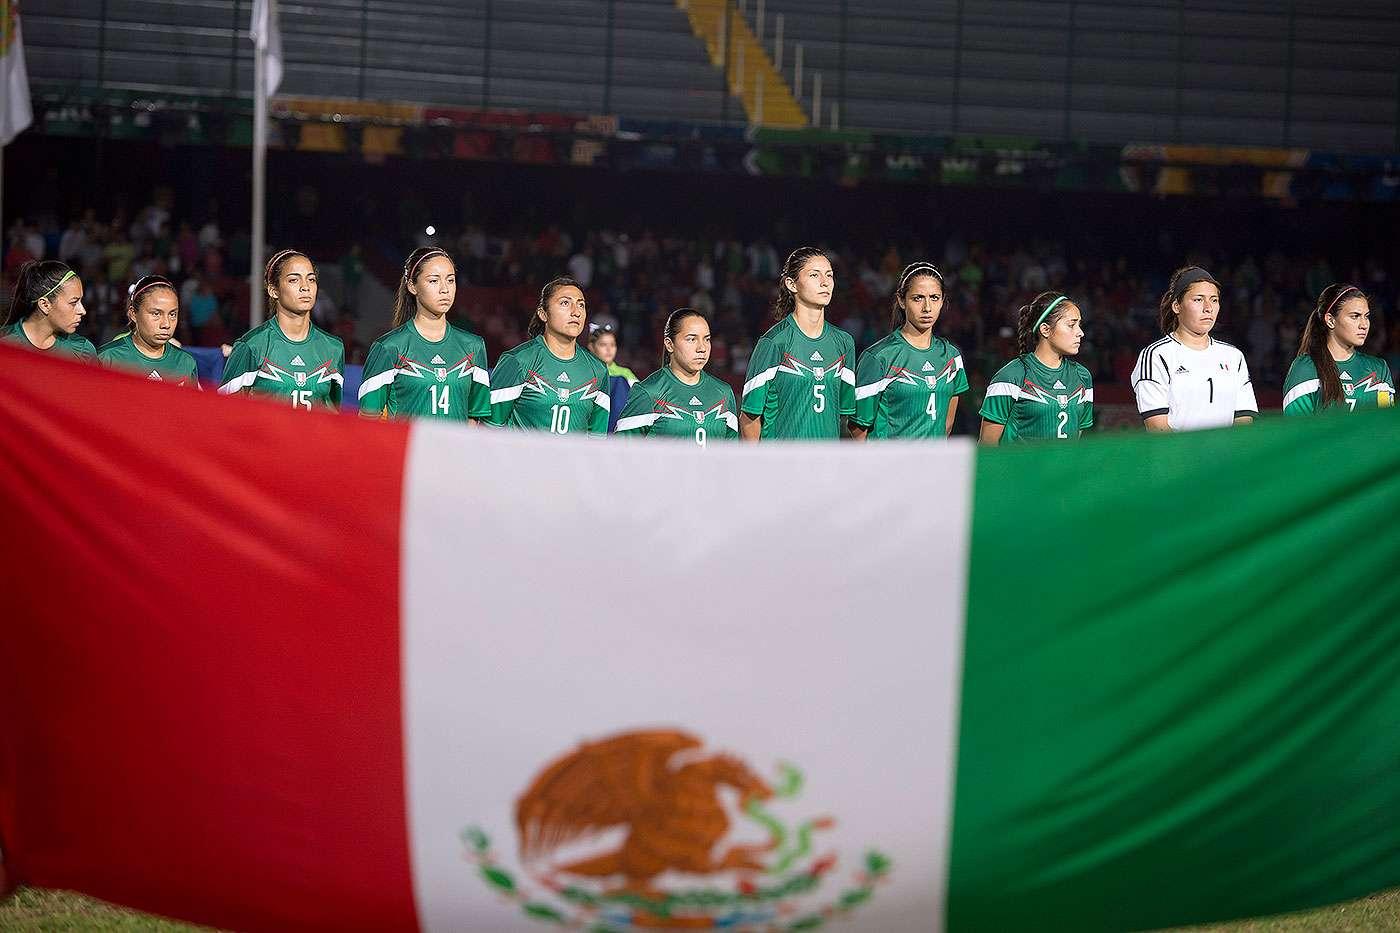 Con goles de Charlyn Corral y Maribel Domínguez, México derrotó 2-0 a Colombia y conquistó la medalla de oro del futbol femenino de los Juegos Centroamericanos y del Caribe Veracruz 2014. El bronce correspondió a Costa Rica que venció 3-2 a Venezuela. Foto: Mexsport